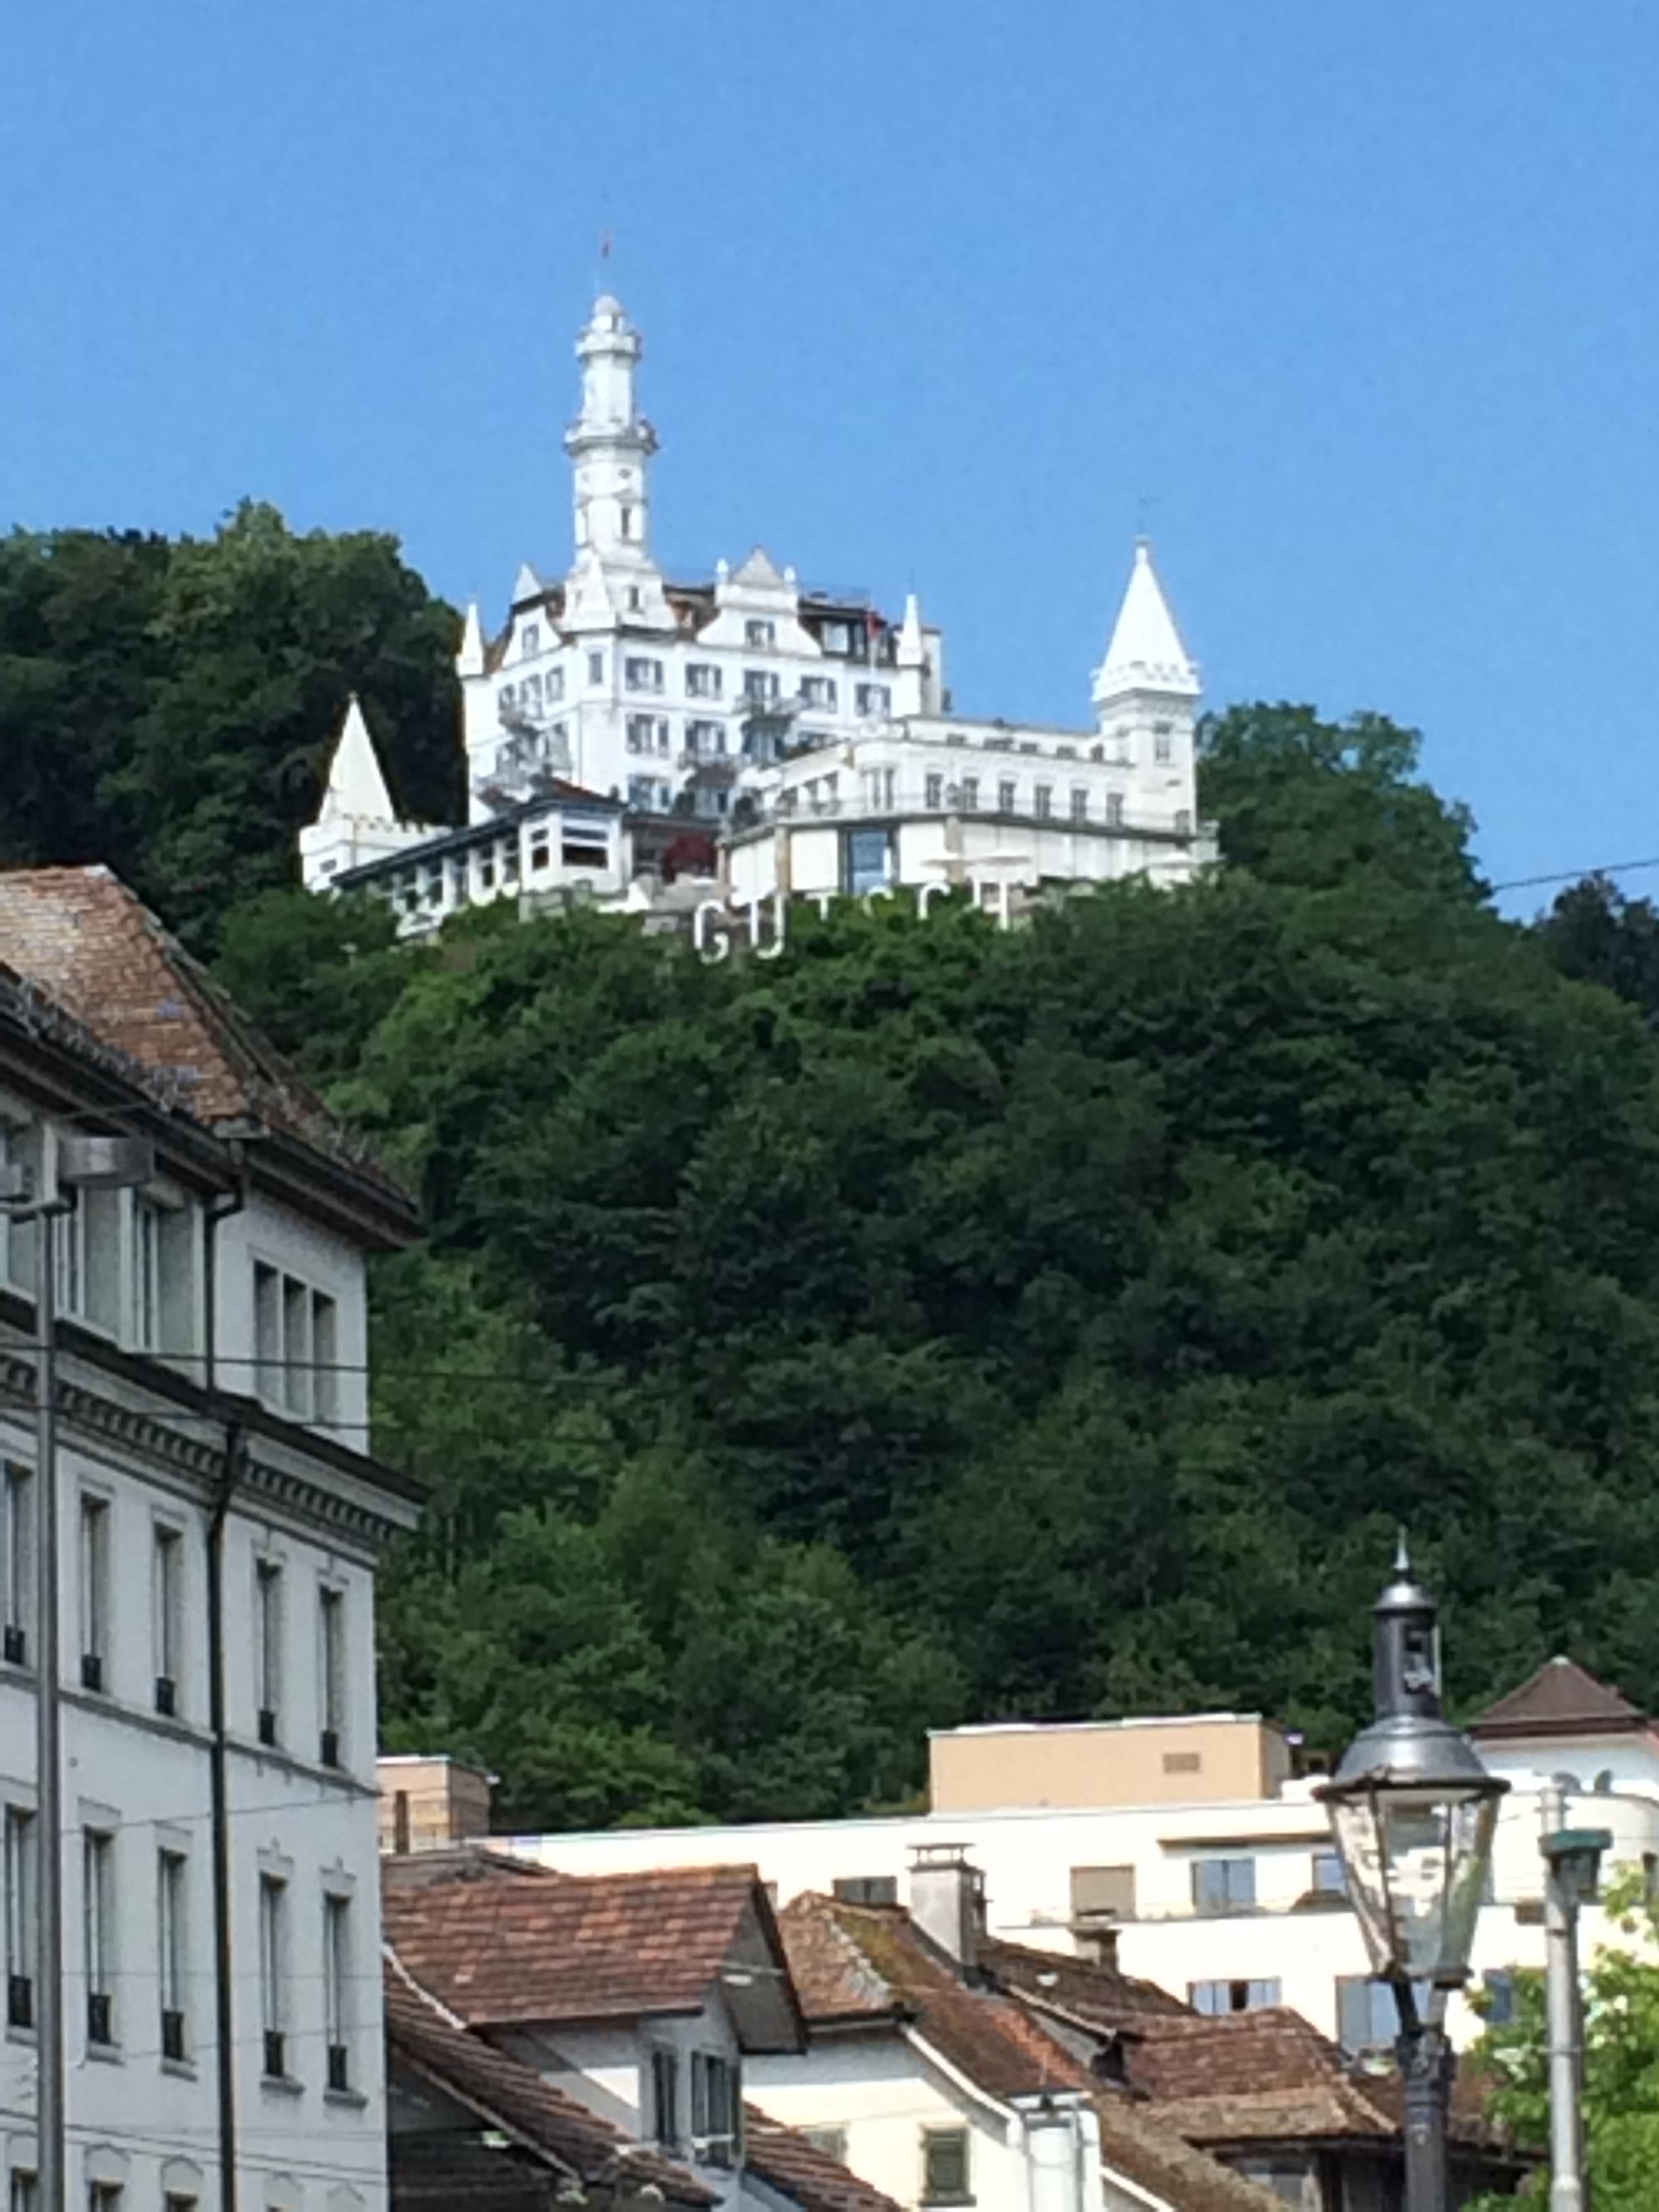 Roteiro De 1 Dia Em Luzern, Uma Das Cidades Mais Bonitas Da Suiça